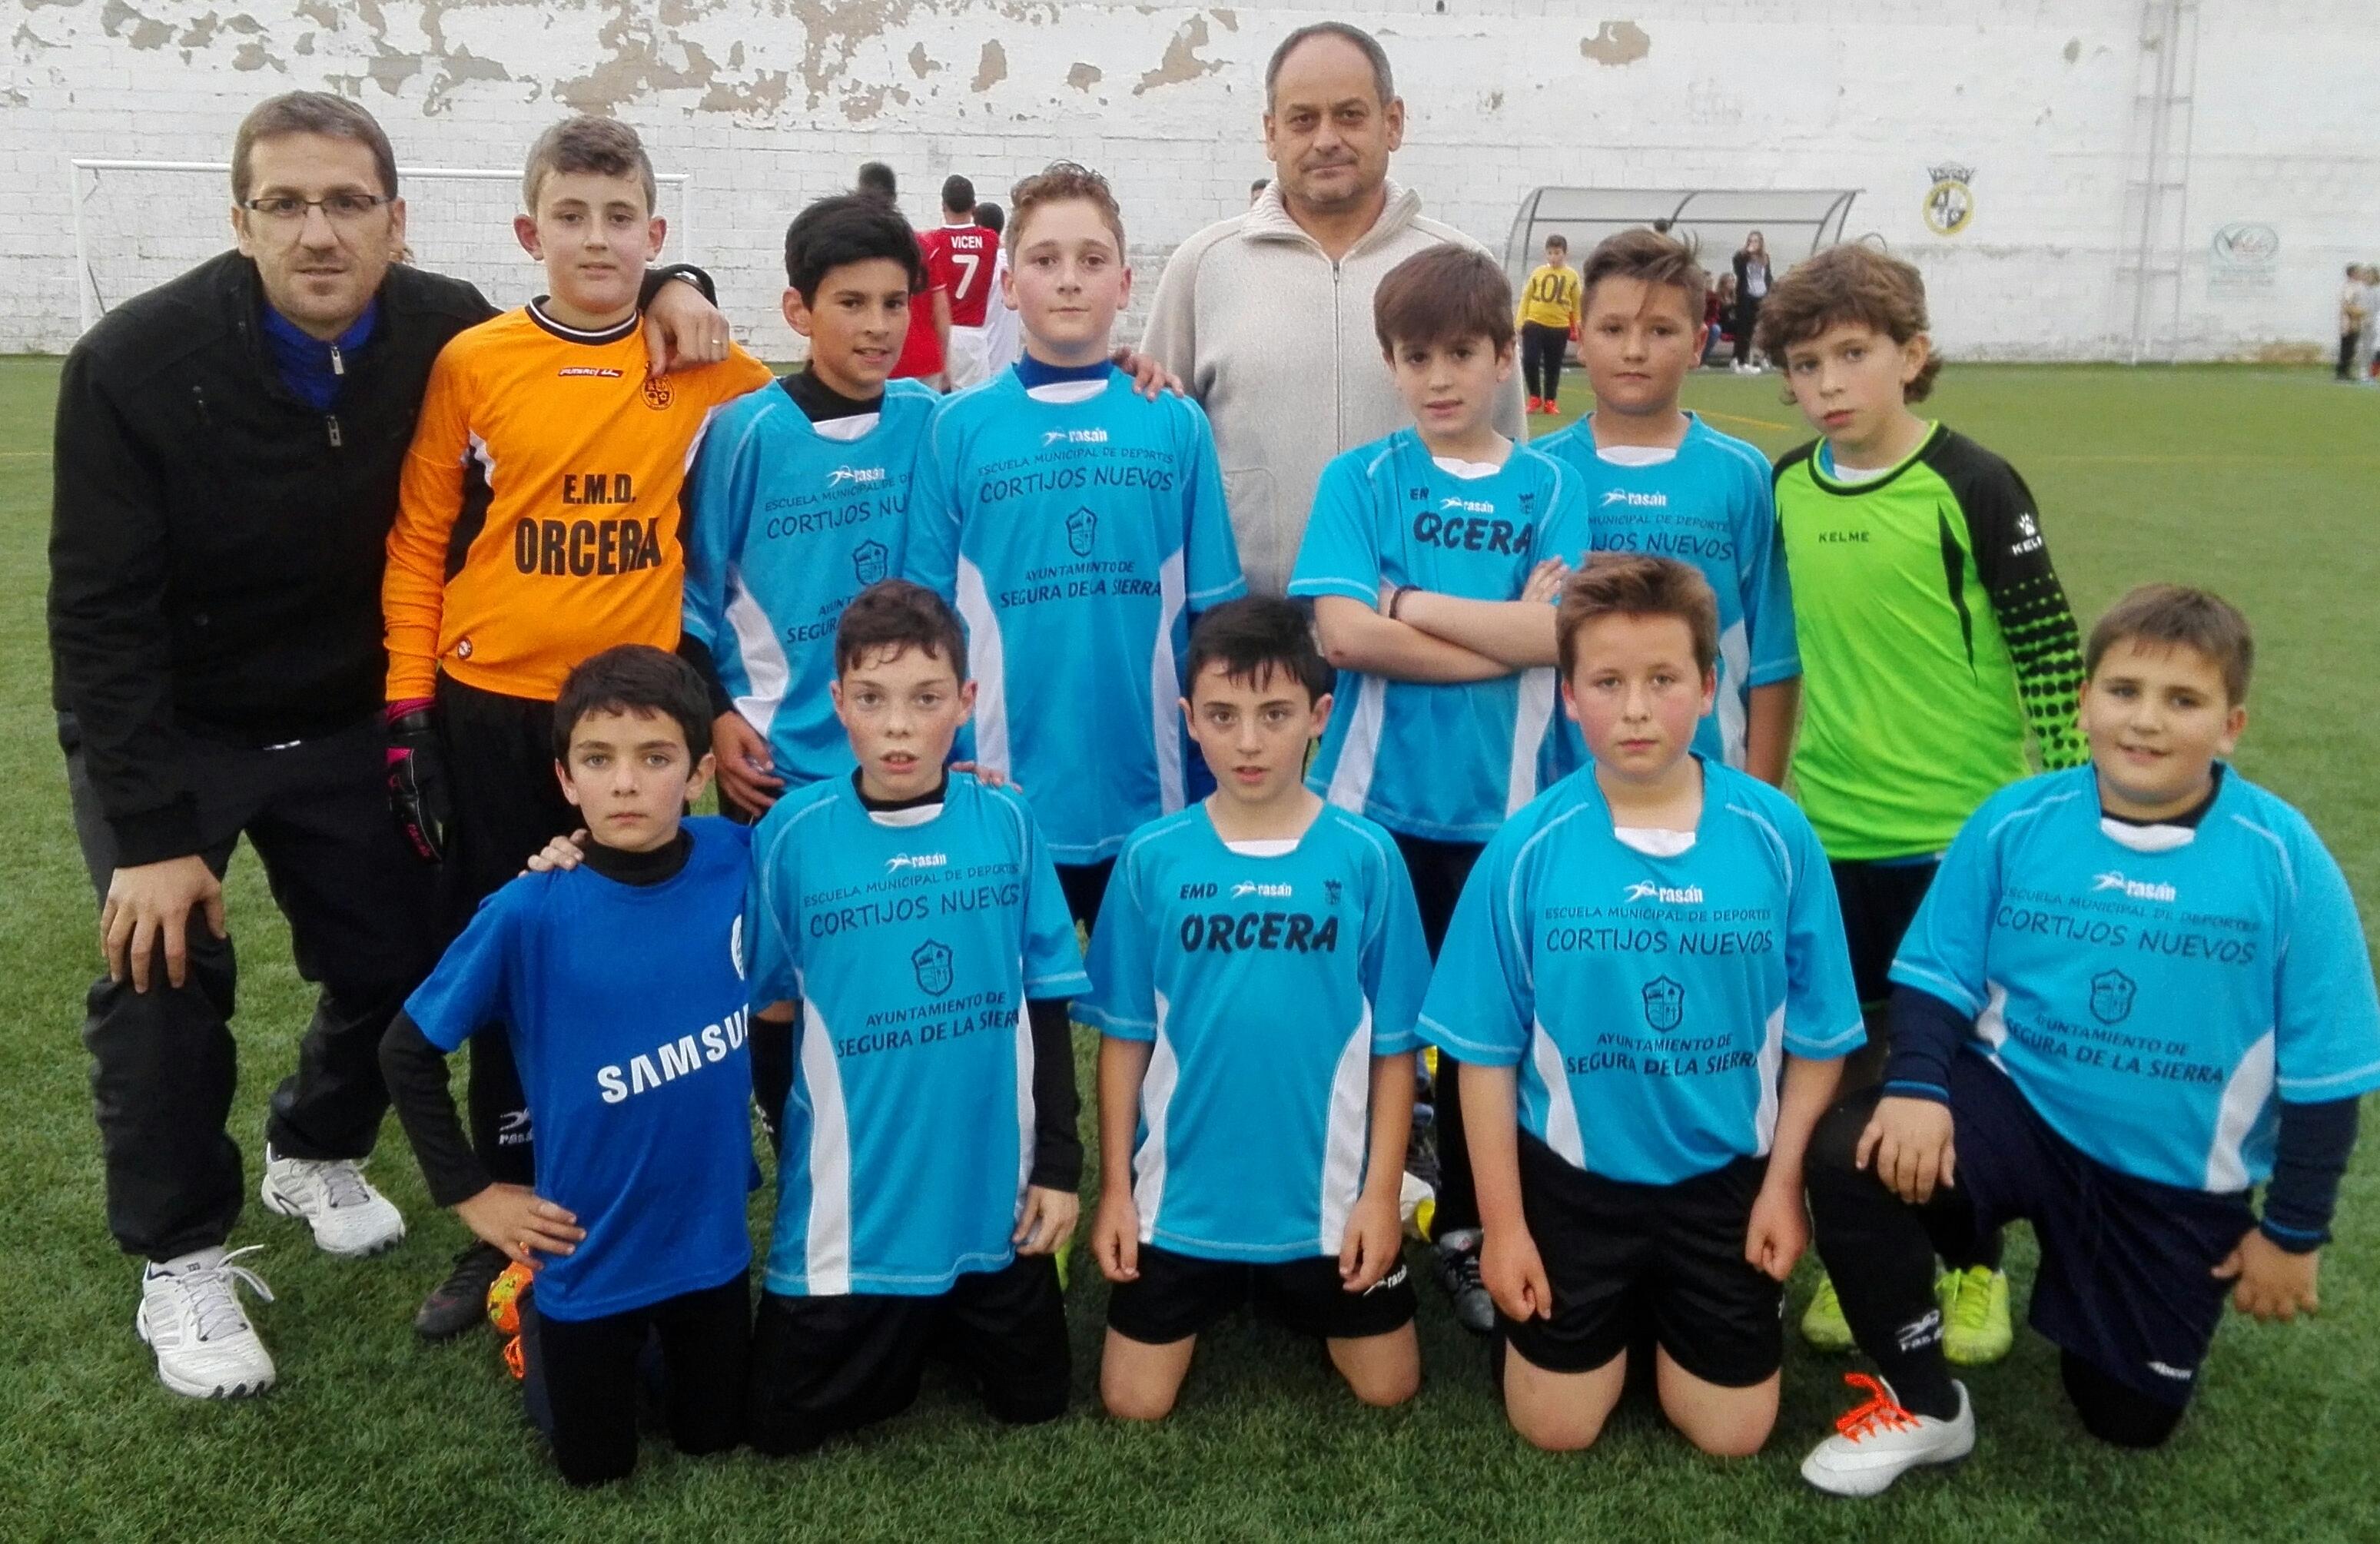 El conjunto Alevín de Orcera-Cortijos ganó por 4-1 ante Siles B. Con este  resultado los jugadores cierran su campeonato con una merecida victoria  acabando ... e5483439f24c4